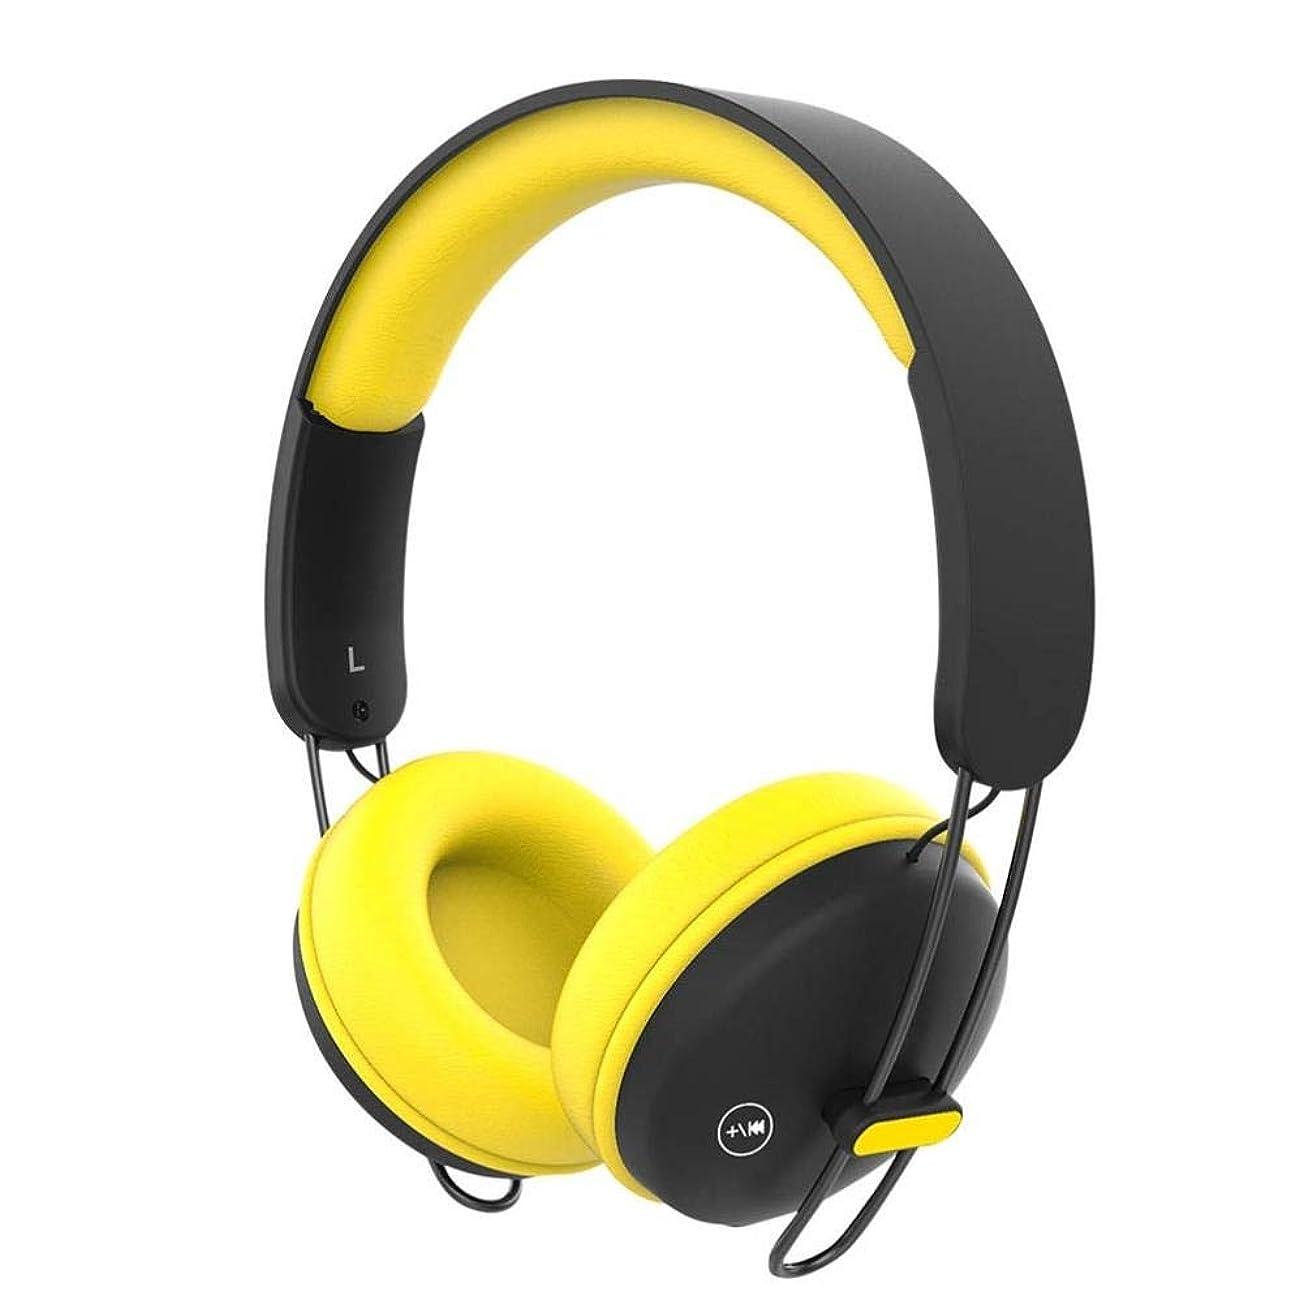 ストリップ申請者告発IEJYY- 耳の無線ステレオの作り付けのマイクロフォンの折り畳み式の騒音低減の柔らかいイヤーマフのためのブルートゥースのヘッドホーン余暇/スポーツ/旅行 (Color : Yellow-black)